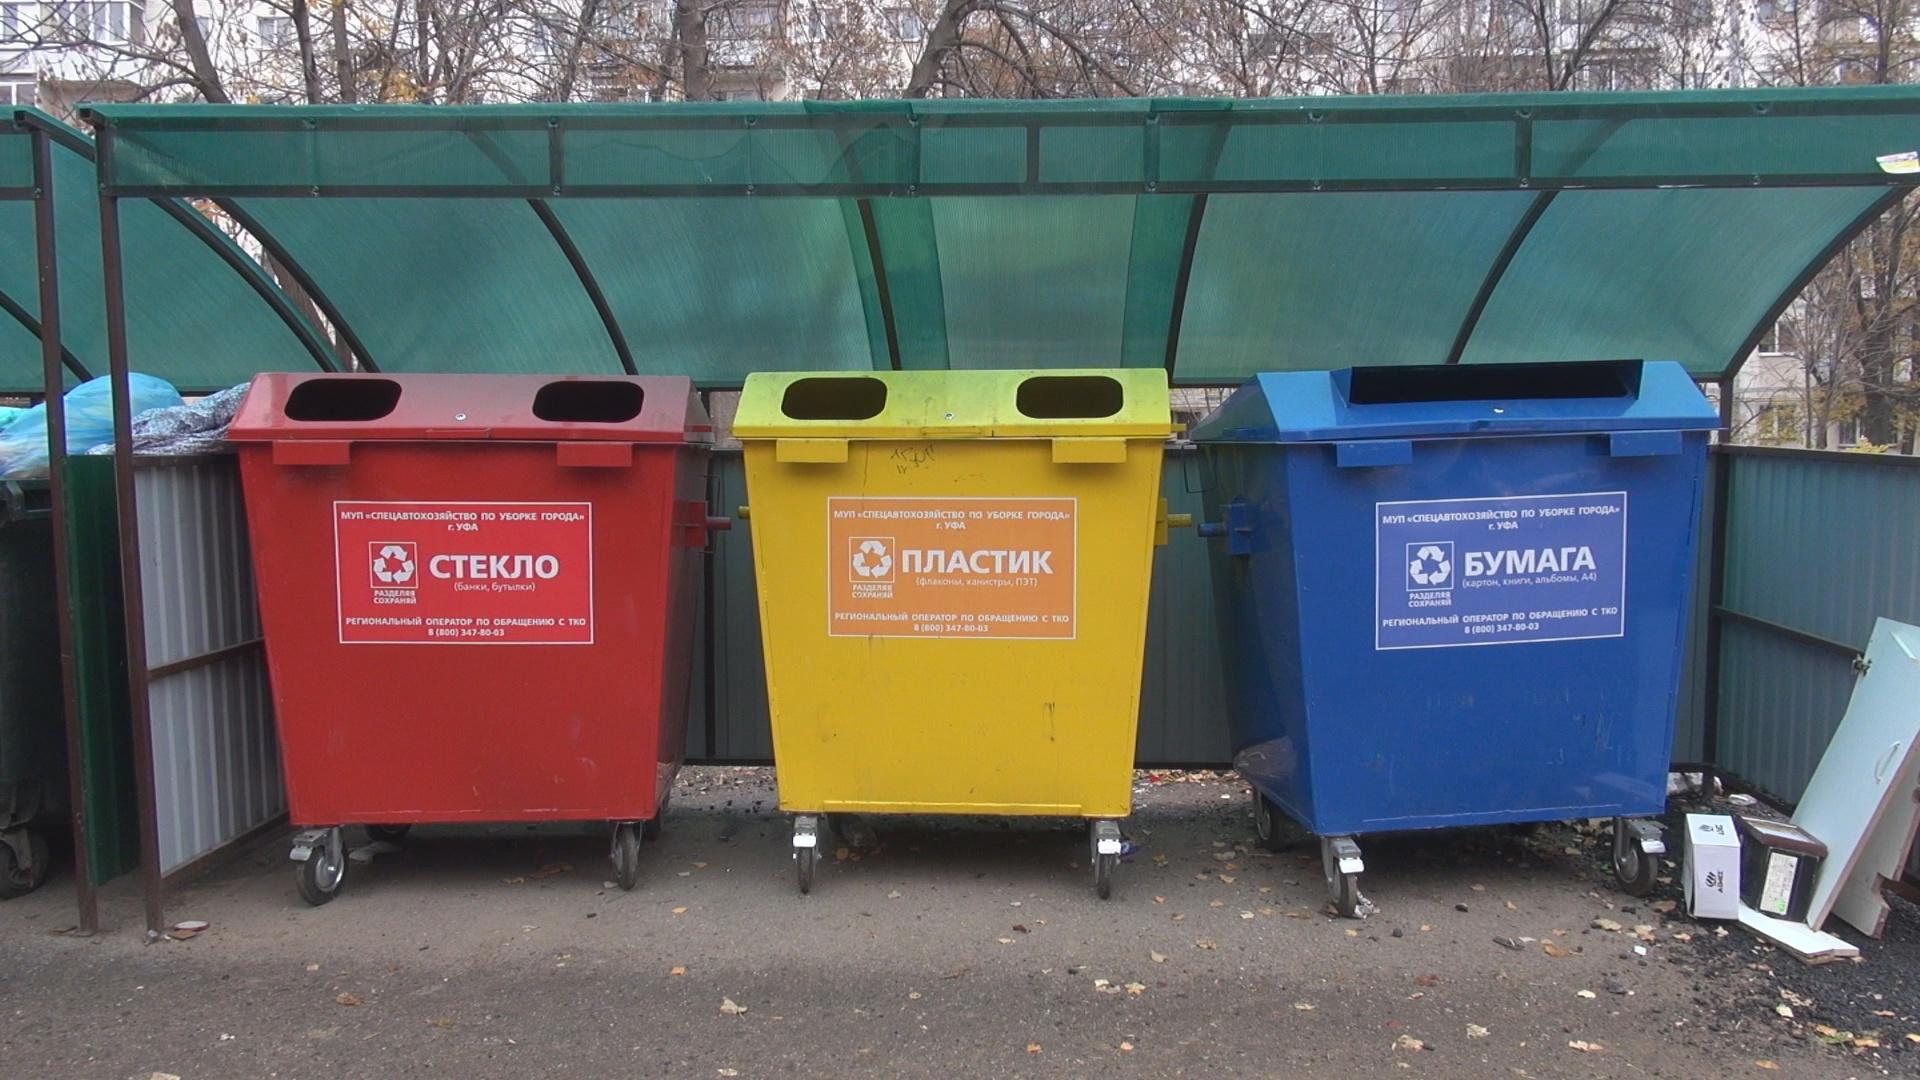 В России хотят ввести гигантские штрафы за нарушение раздельного сбора мусора #Новости #Общество #Омск